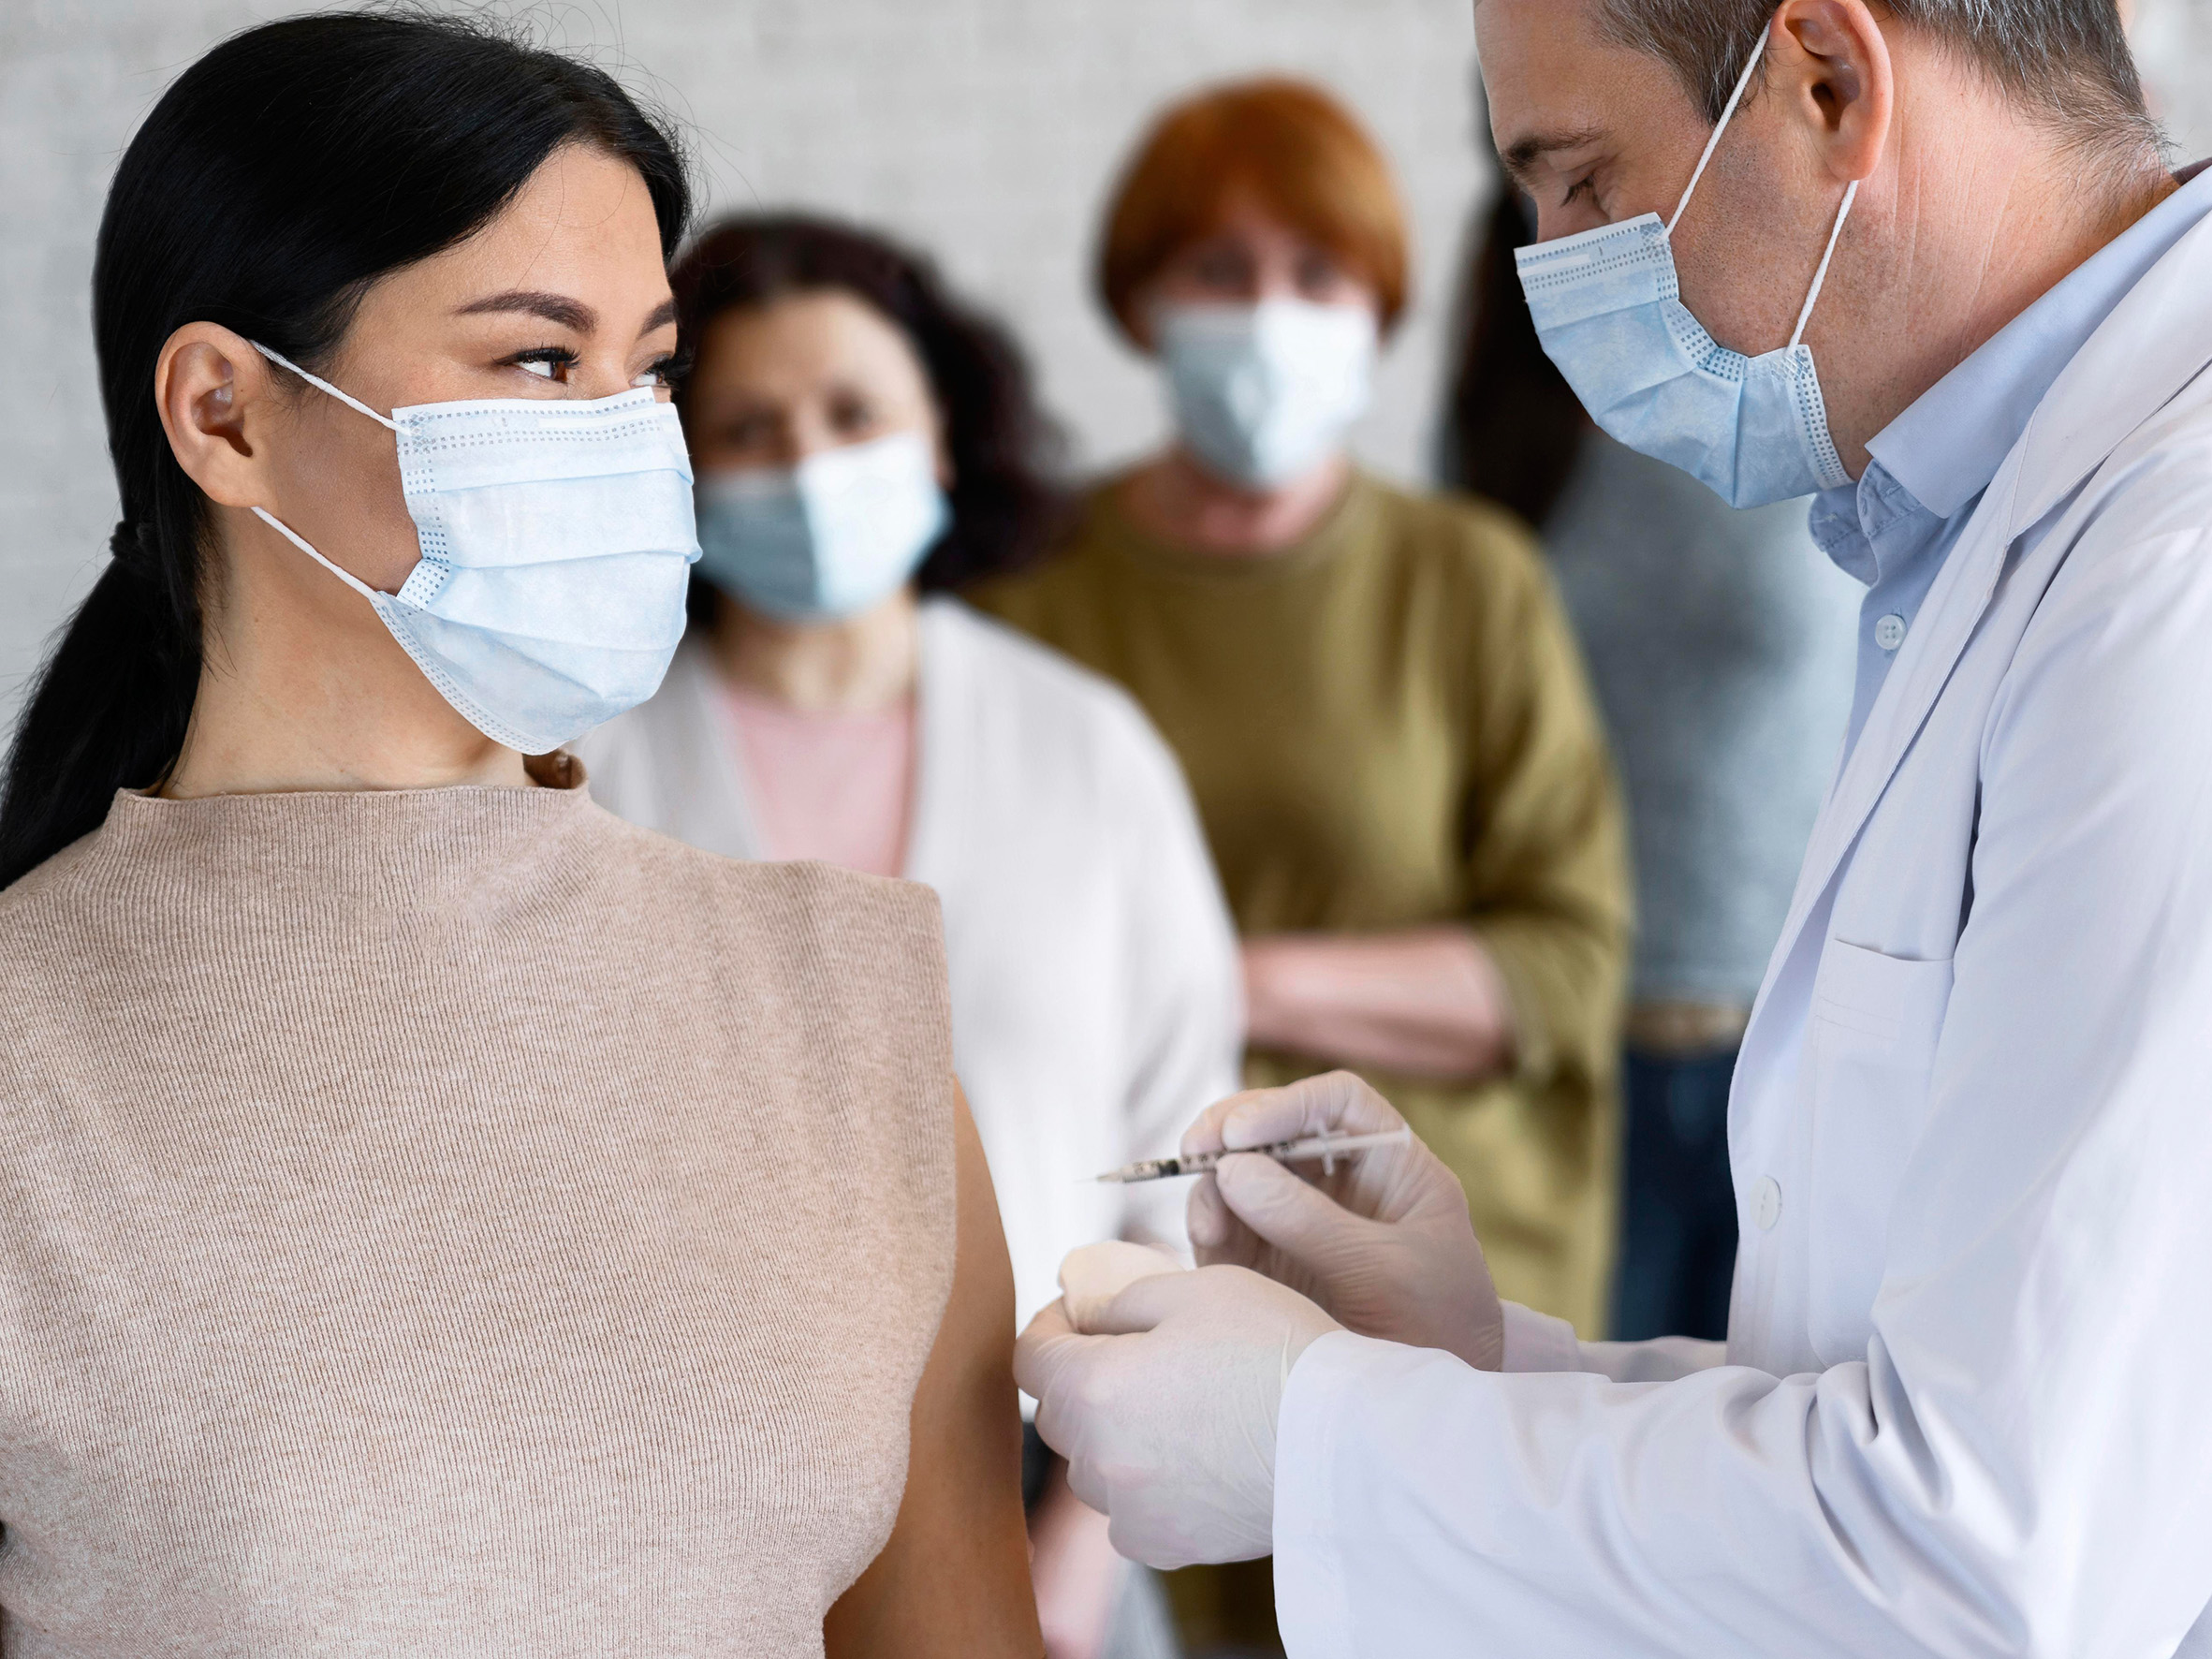 Bild-Impfung